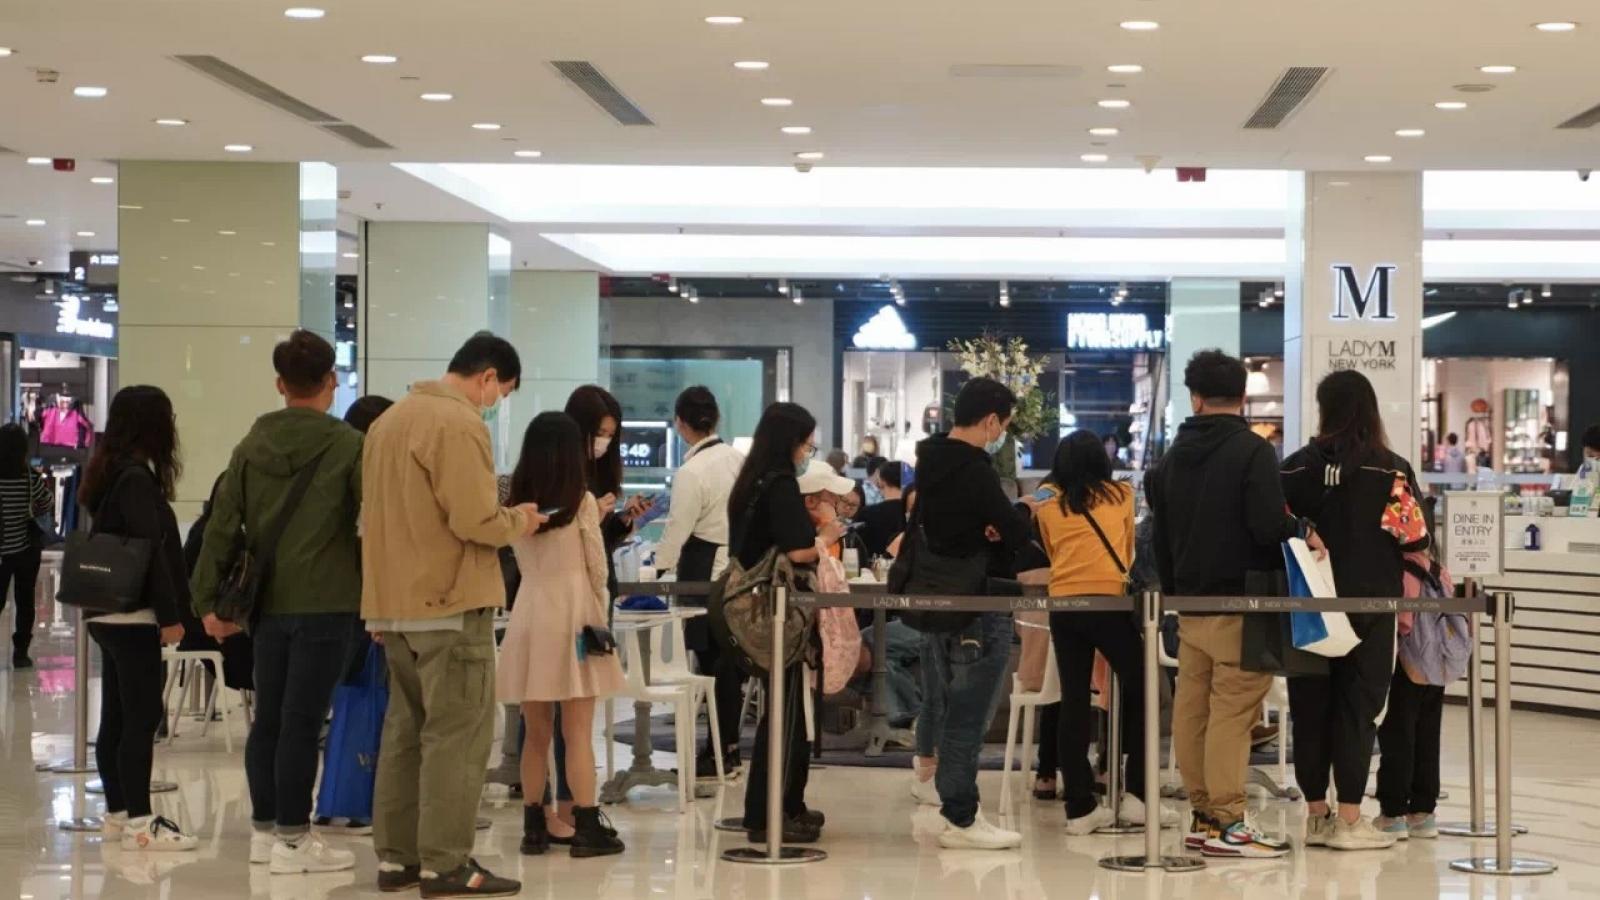 Làn sóng Covid-19 thứ 4 tại Hong Kong (Trung Quốc) diễn biến phức tạp